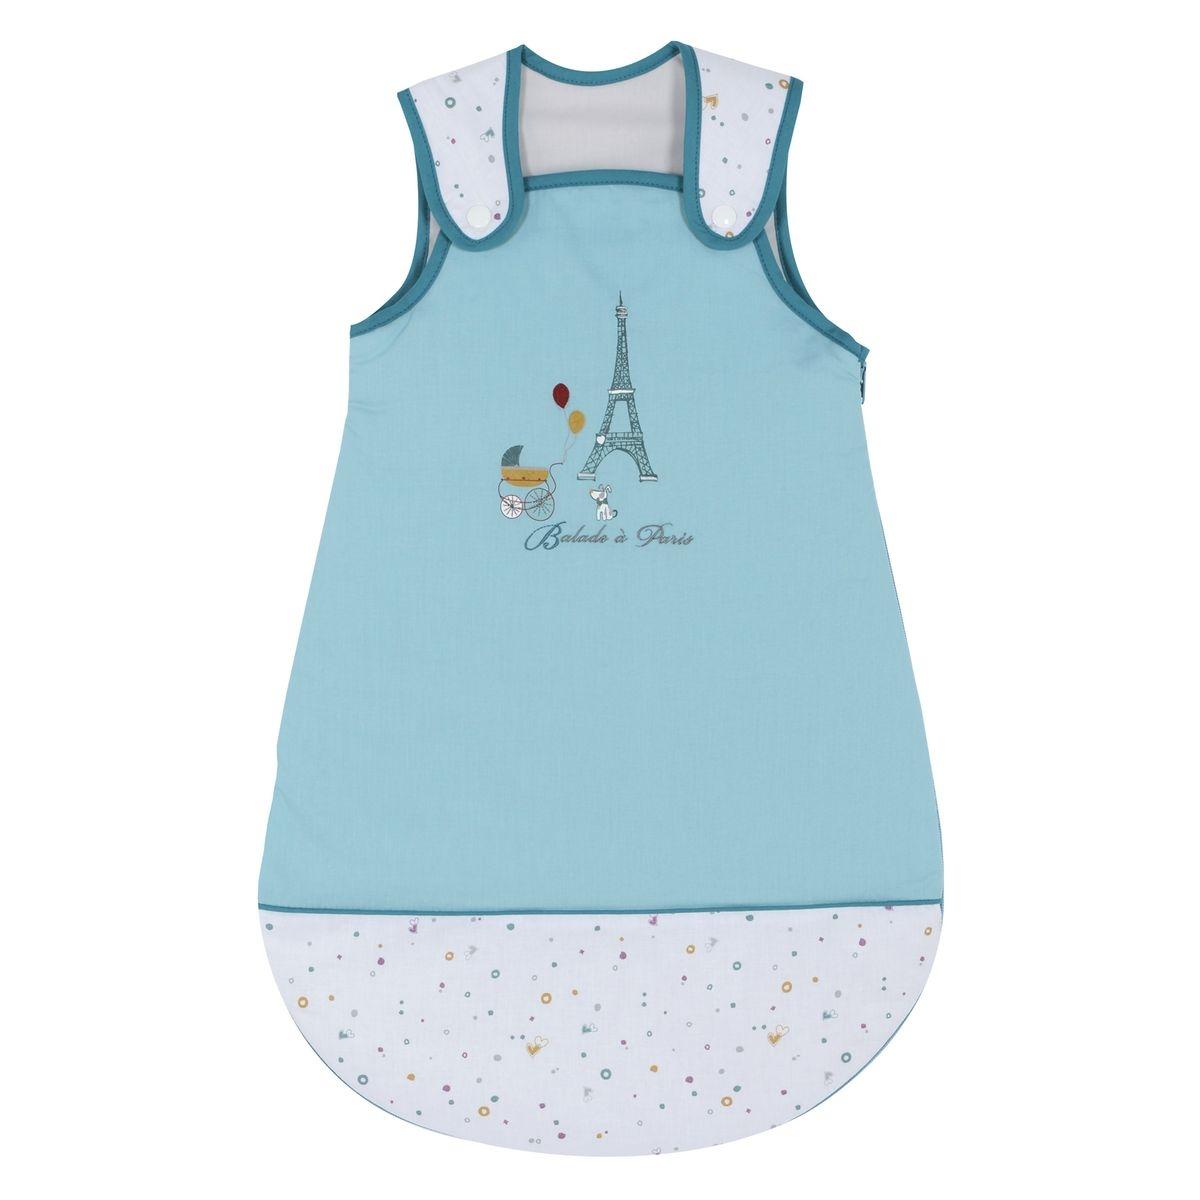 Gigoteuse naissance P'tit Basile Collection 'Little Paris' - 0-6 mois - Bleu